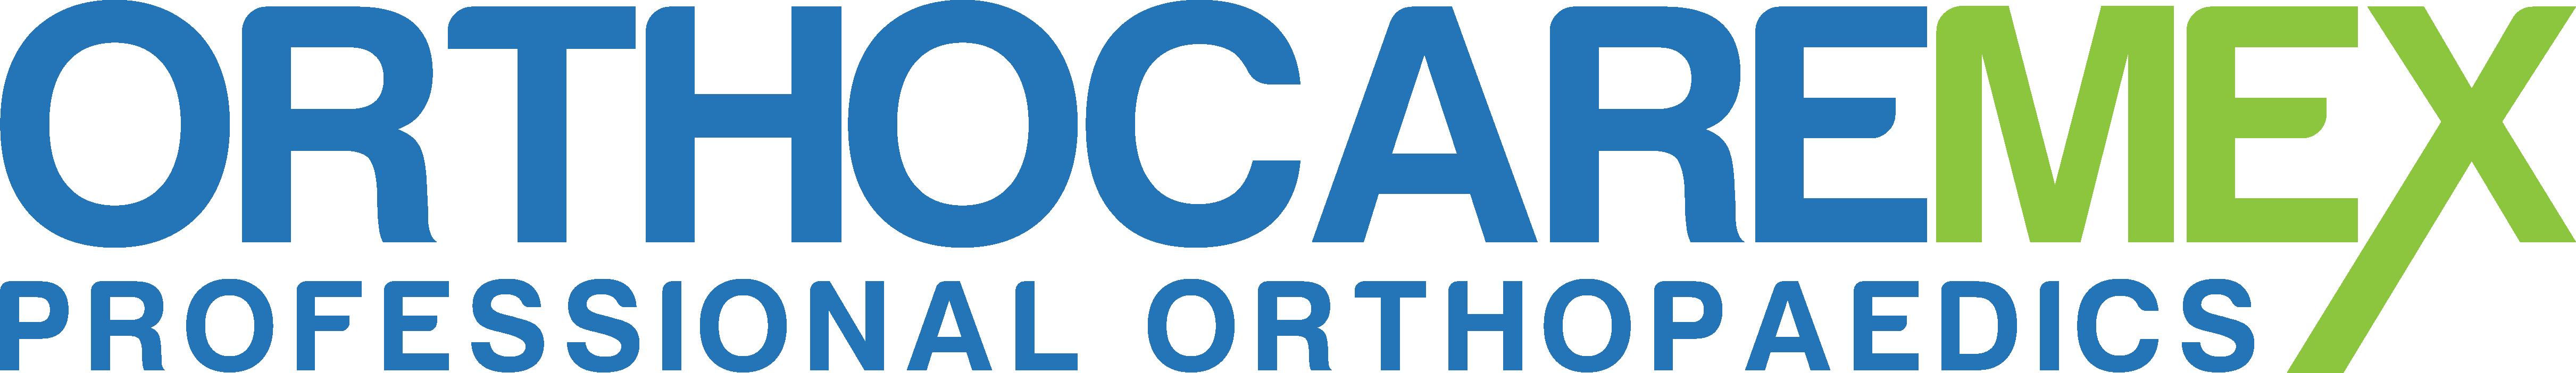 (Professional Orthopaedics